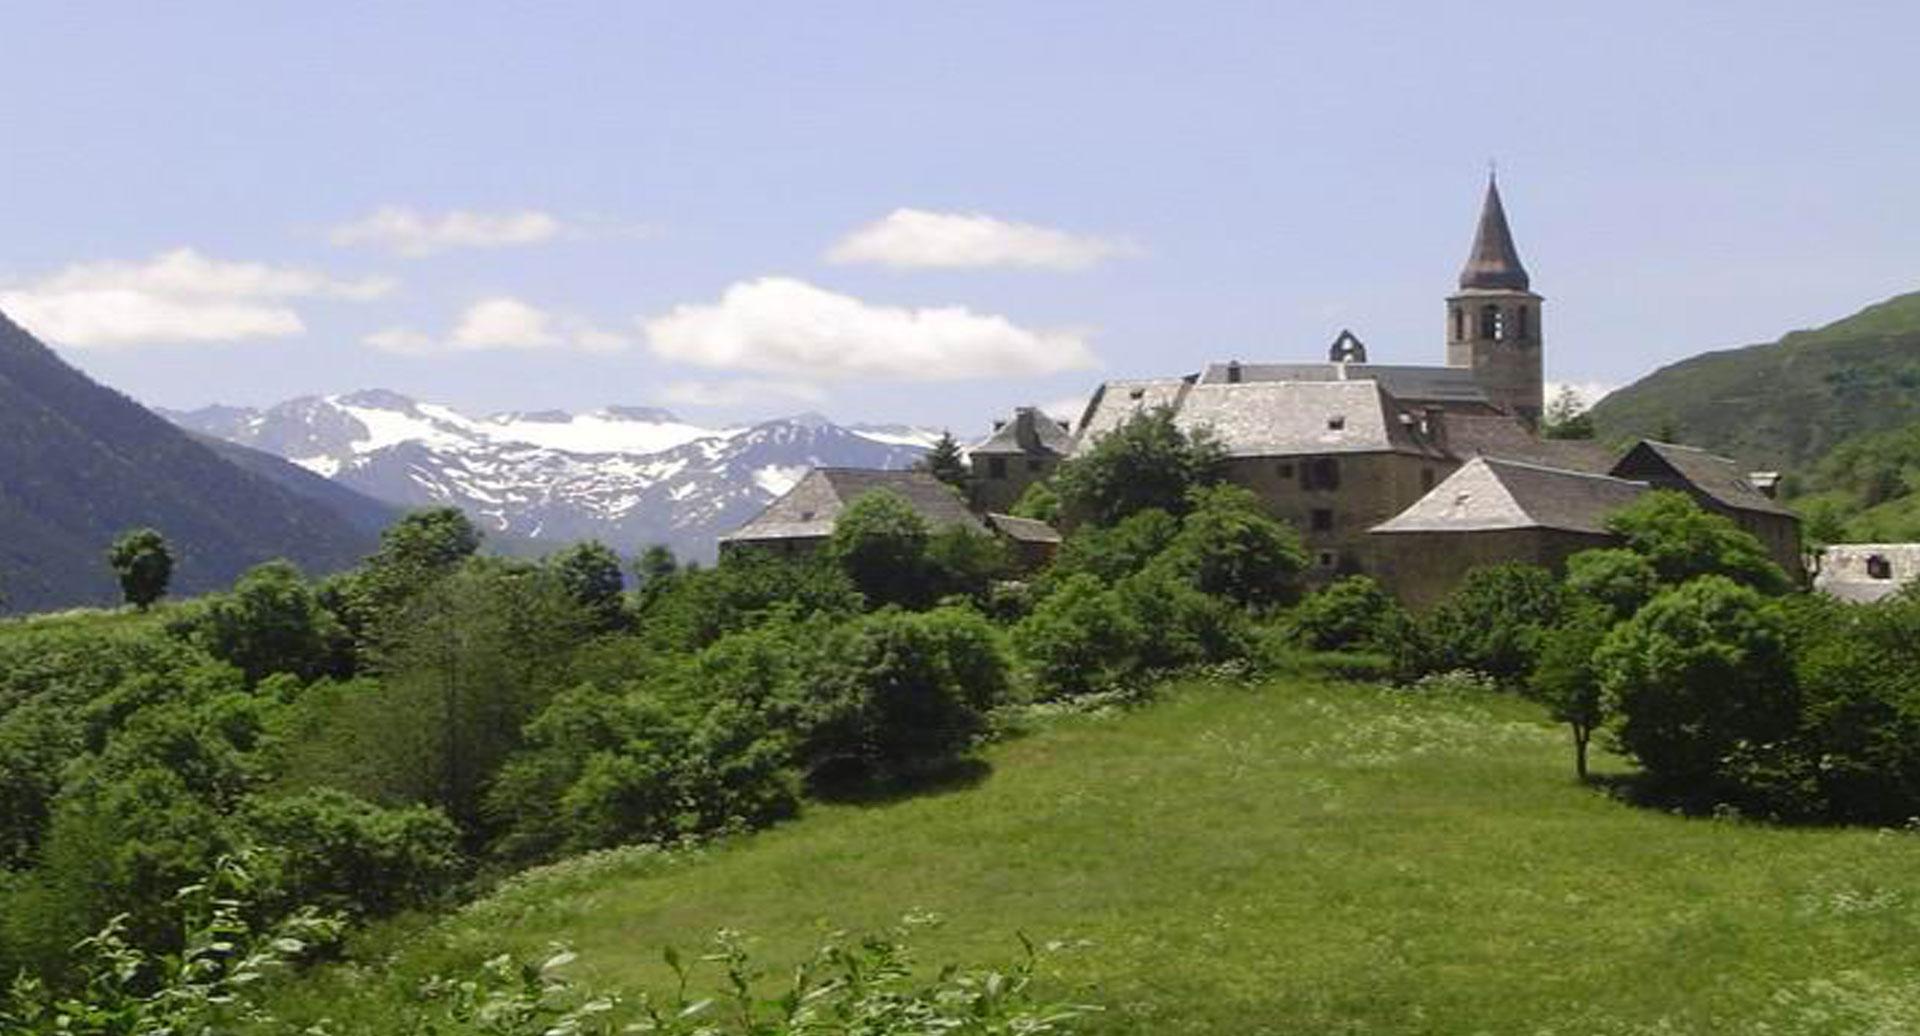 Valle de aran turismo pirineu emoci - Inmobiliaria valle de aran ...